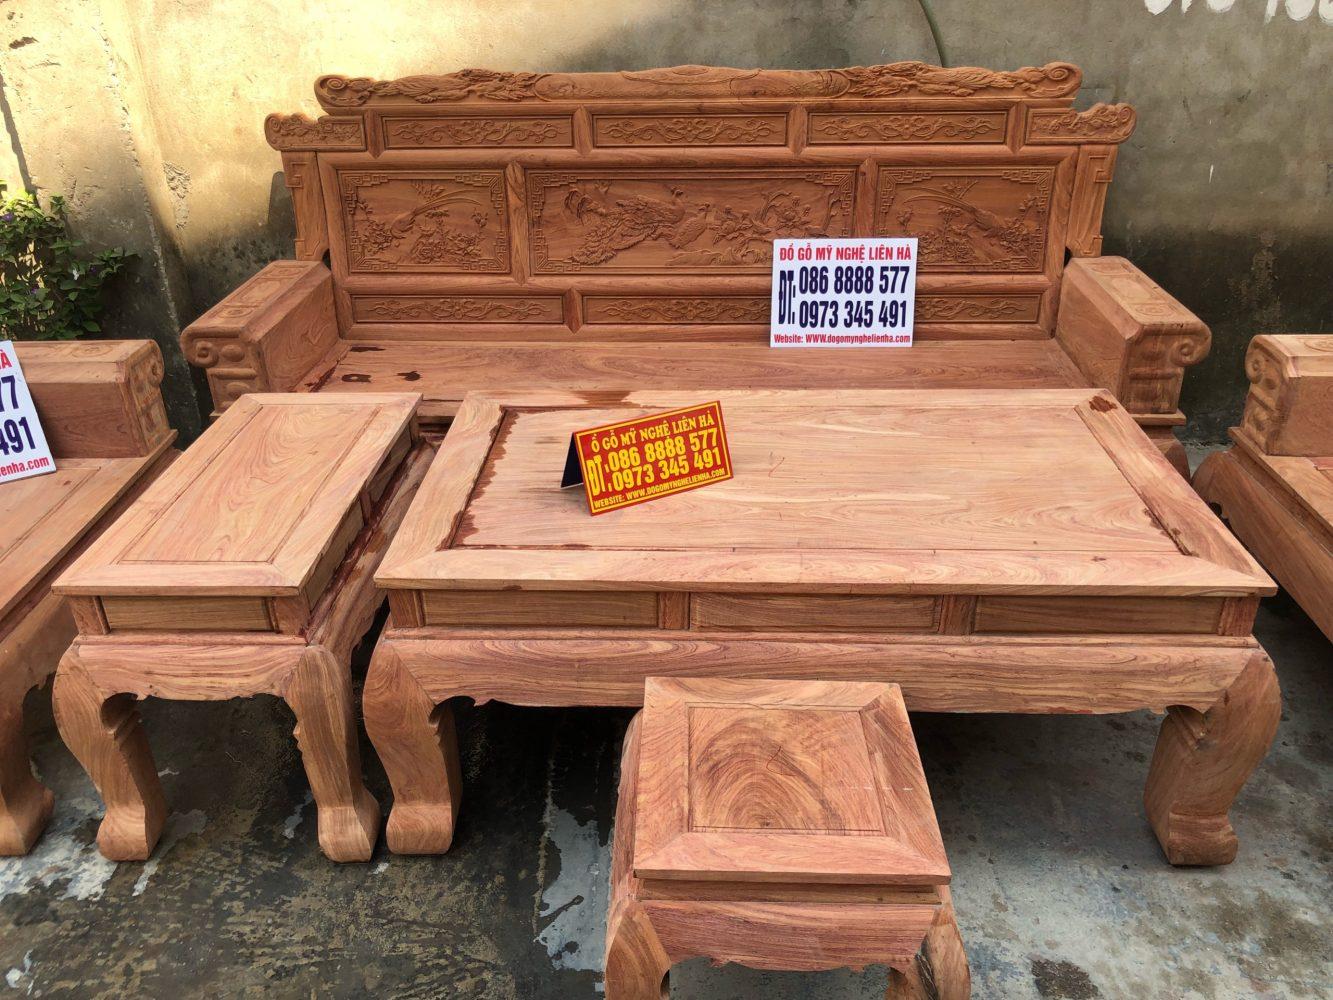 Đoản dài bộ bàn ghế phù dung chân 12 6 món gỗ hương đá